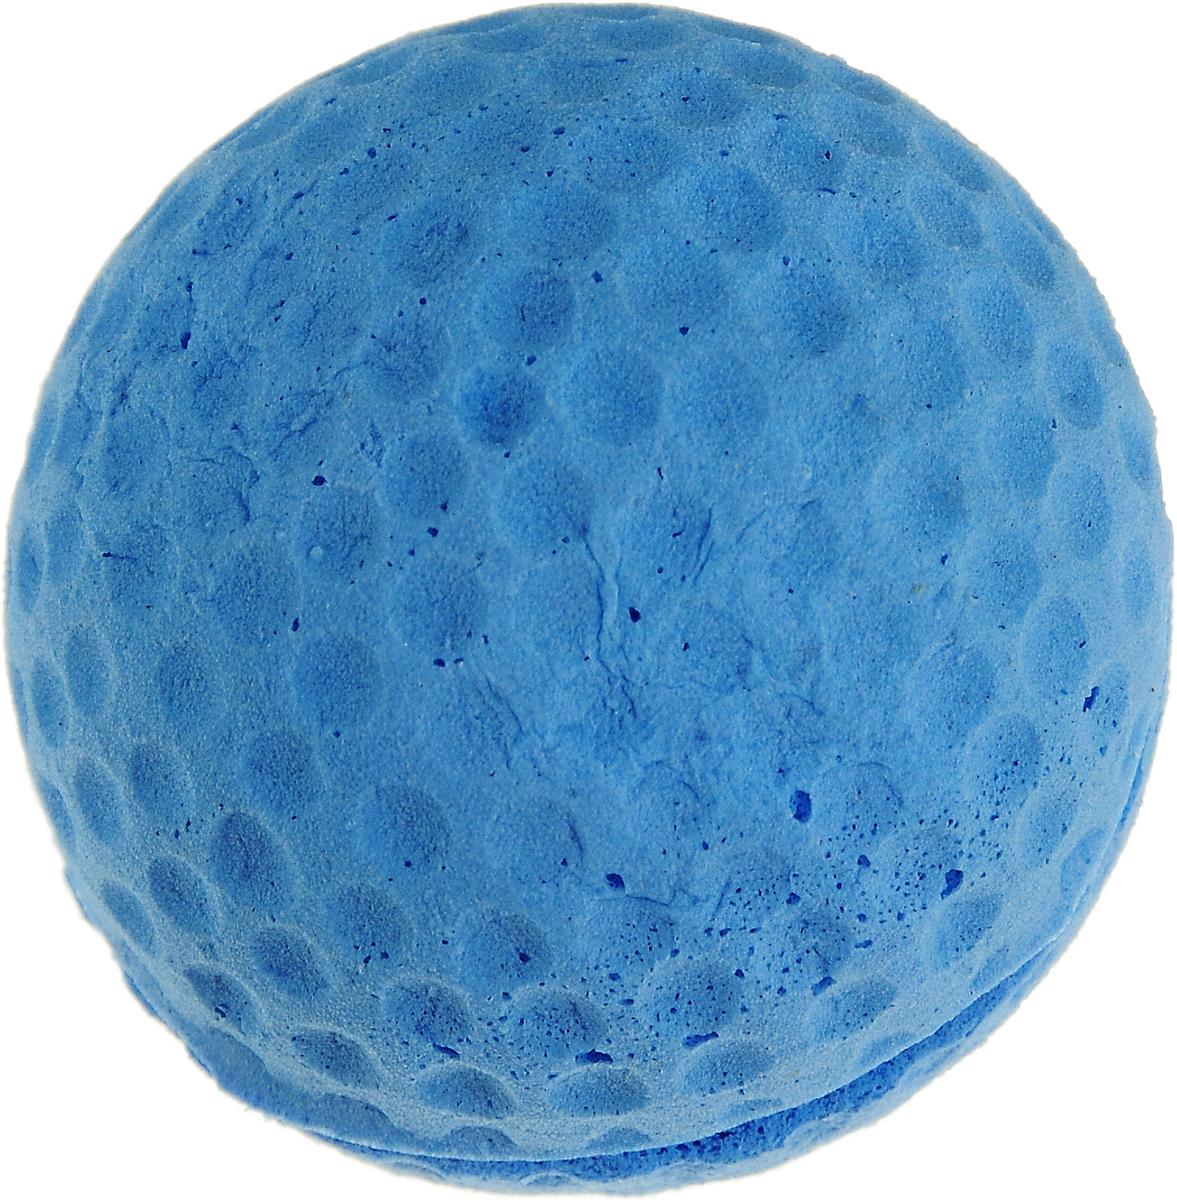 Игрушка для животных Каскад Мячик зефирный. Гольф, цвет: голубой, диаметр 4 см27799306_голубойМягкая игрушка для животных Каскад Мячик зефирный. Гольф изготовлена из вспененного полимера.Такая игрушка порадует вашего любимца, а вам доставит массу приятных эмоций, ведь наблюдать за игрой всегда интересно и приятно.Диаметр игрушки: 4 см.